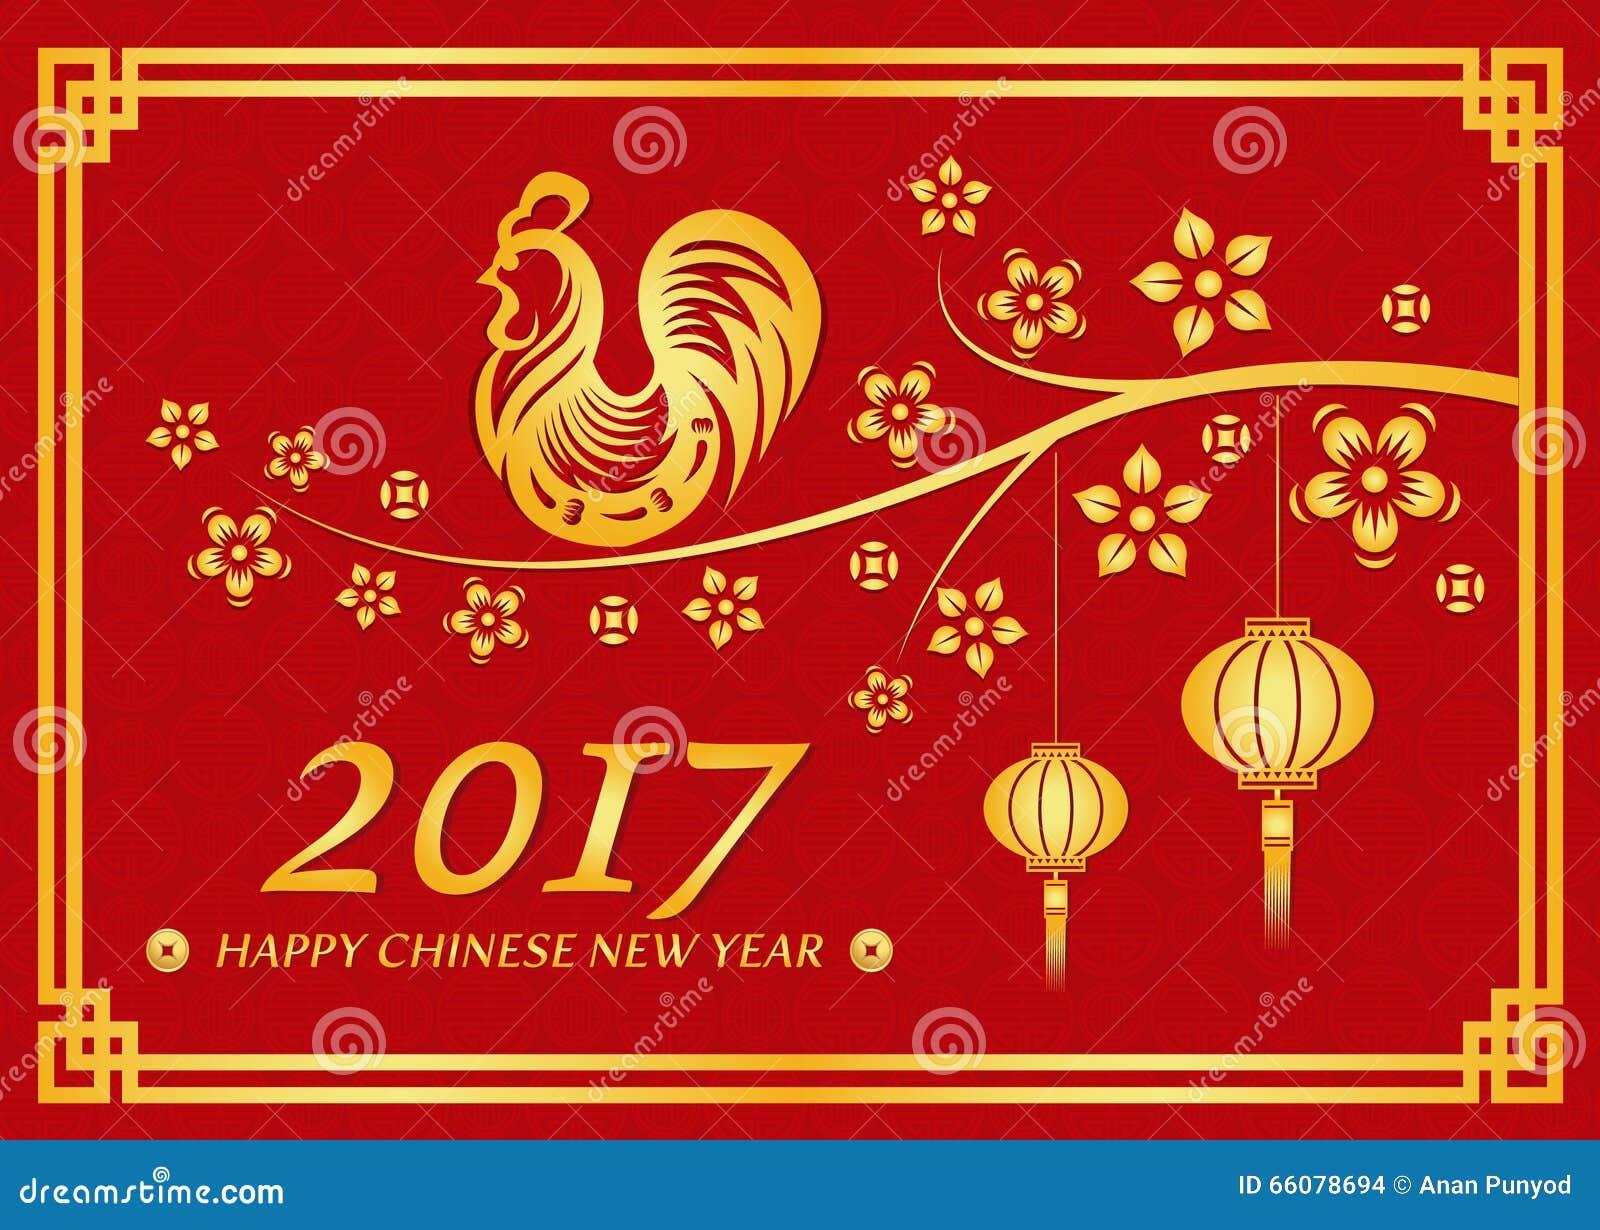 Китайские пожелания в новом году